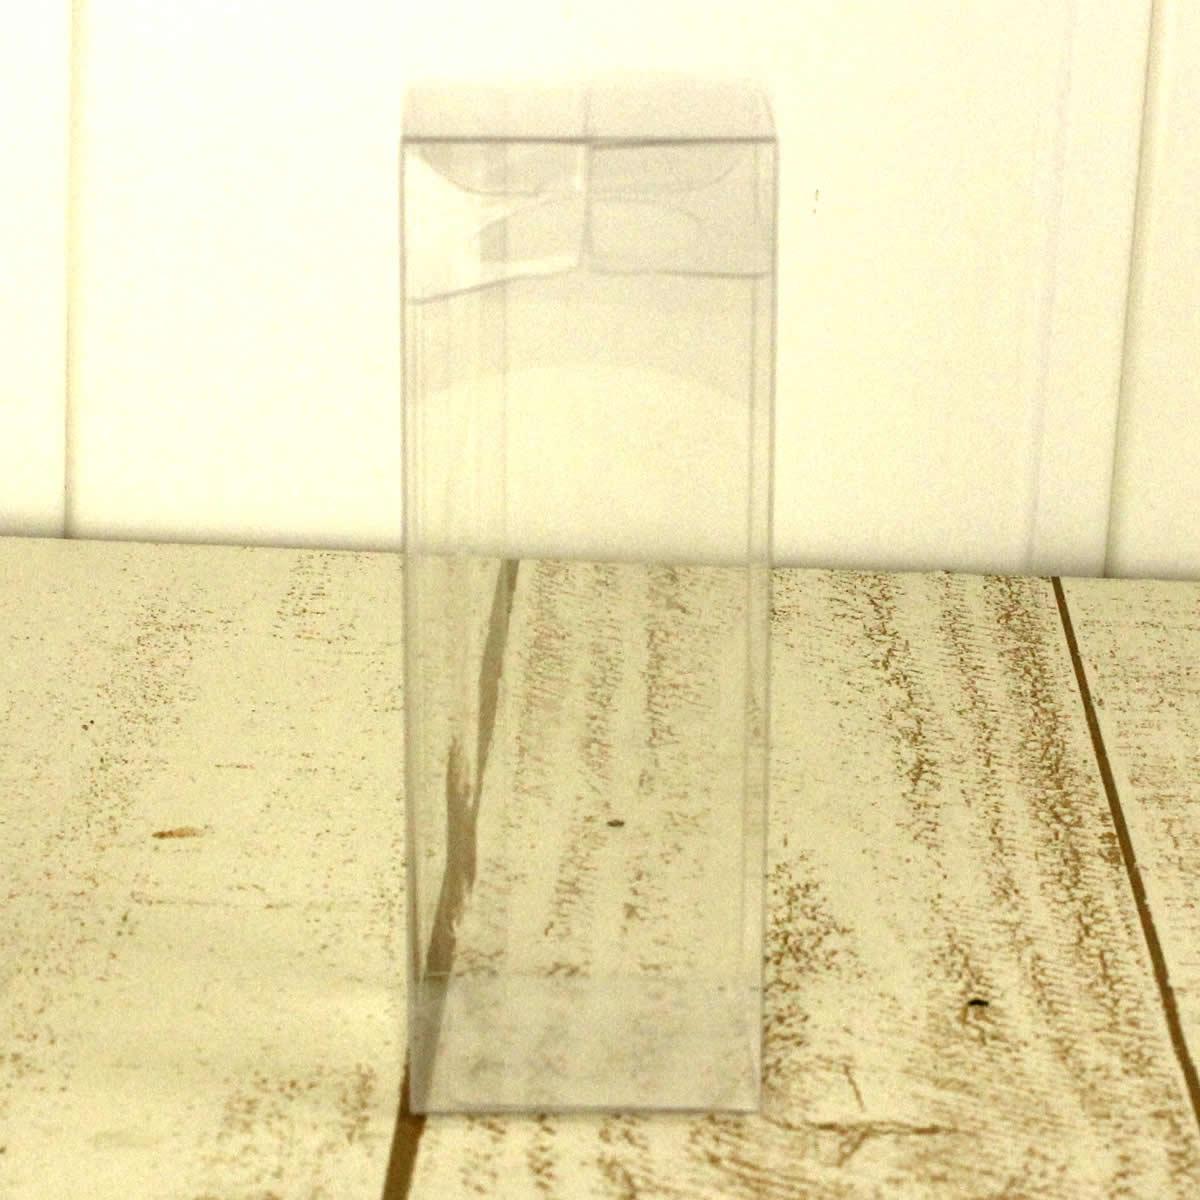 即日★クリアケース ハーバリウム150ml用(角瓶・丸瓶兼用)(はなどんやオリジナル)【00】[10枚]《花資材・道具 ハーバリウム材料 ハーバリウム オイル》